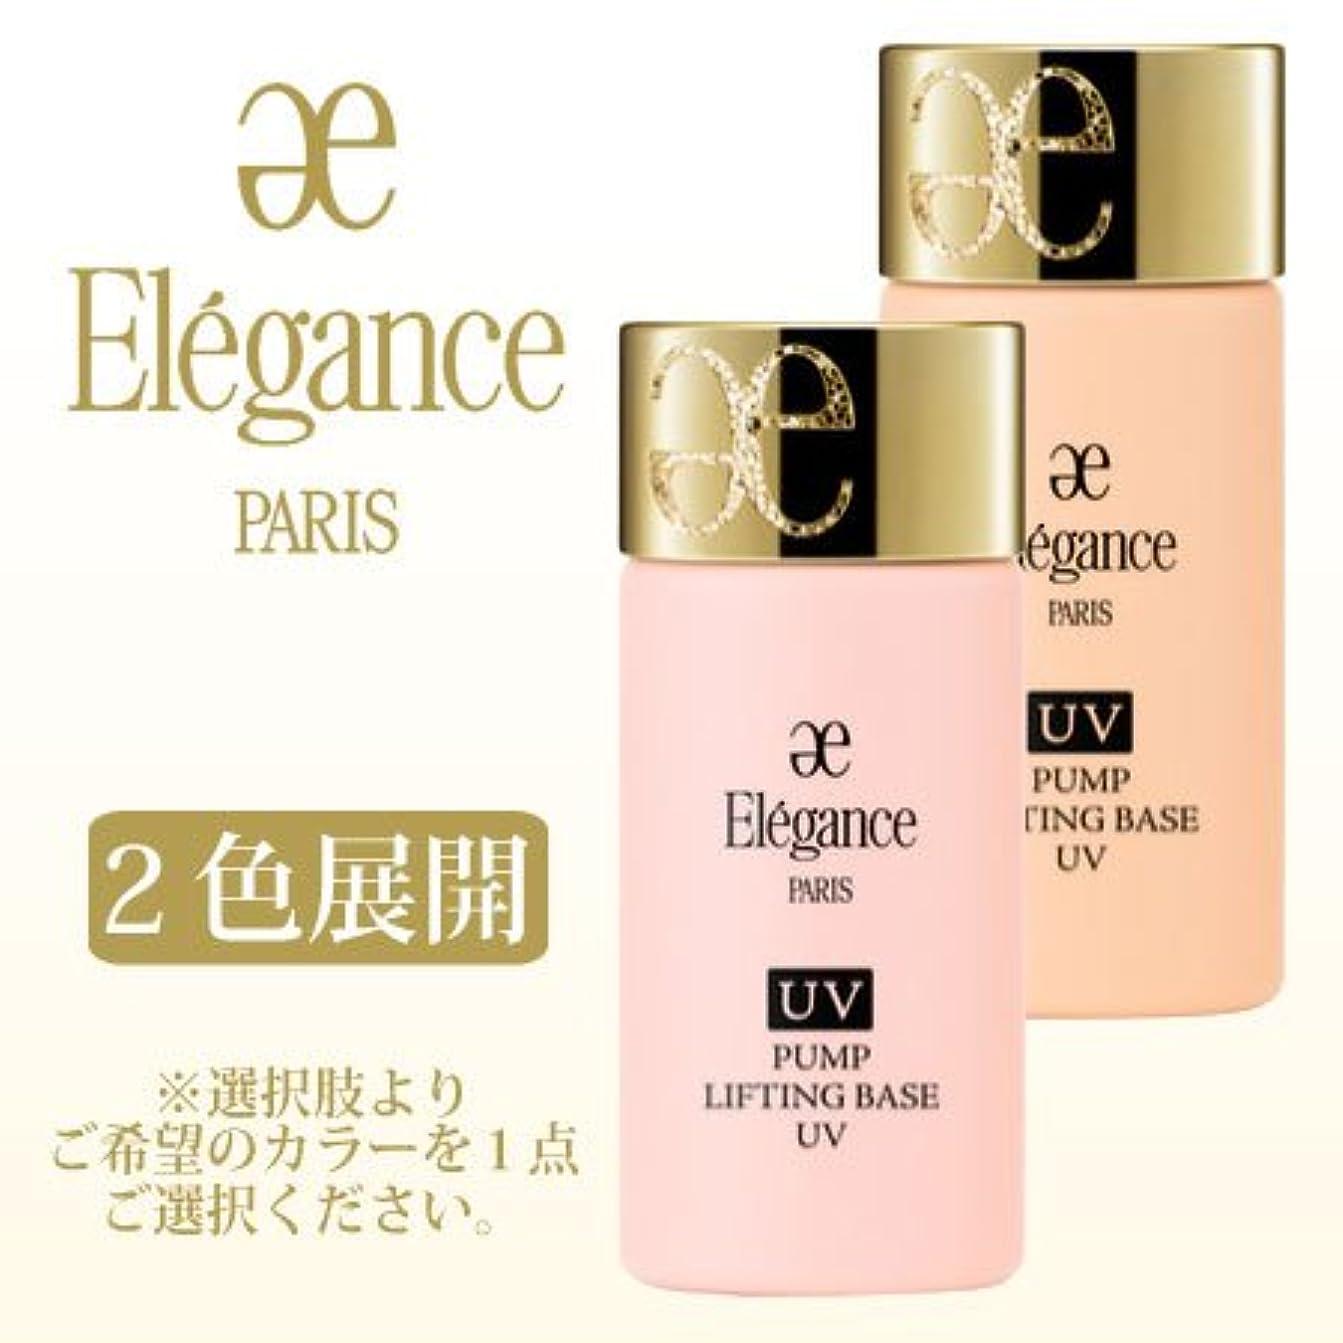 増幅する採用する深遠エレガンス パンプリフティング ベース UV 30ml 全2色展開 -ELEGANCE- BE991